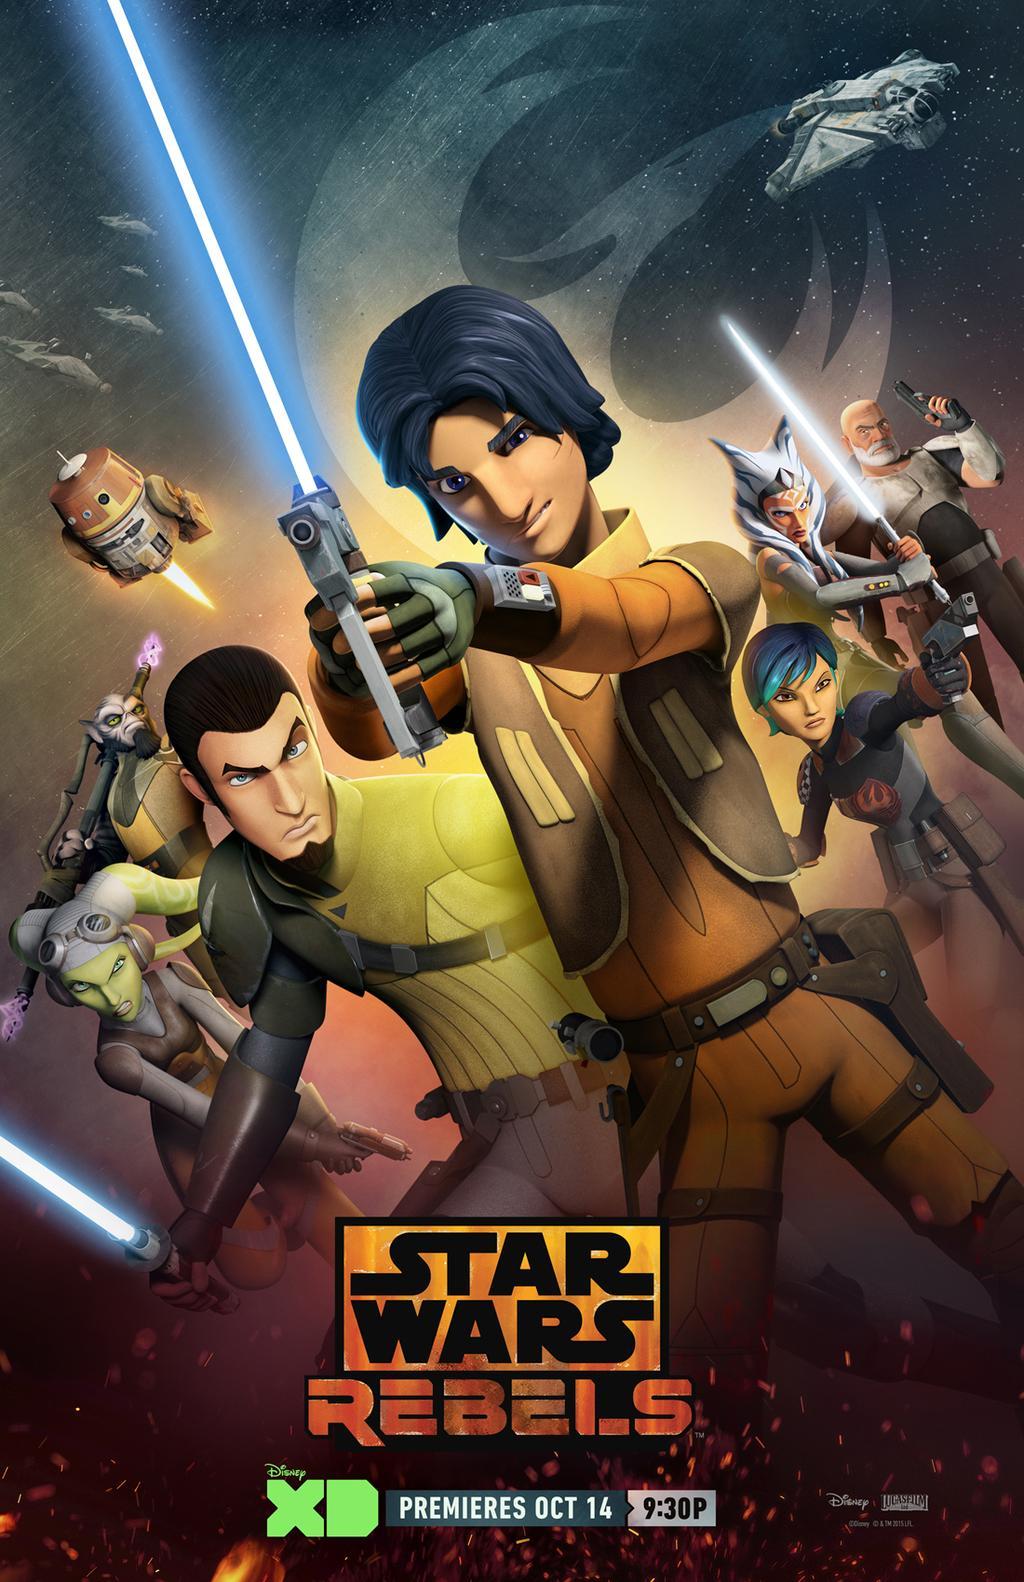 www.star wars rebels